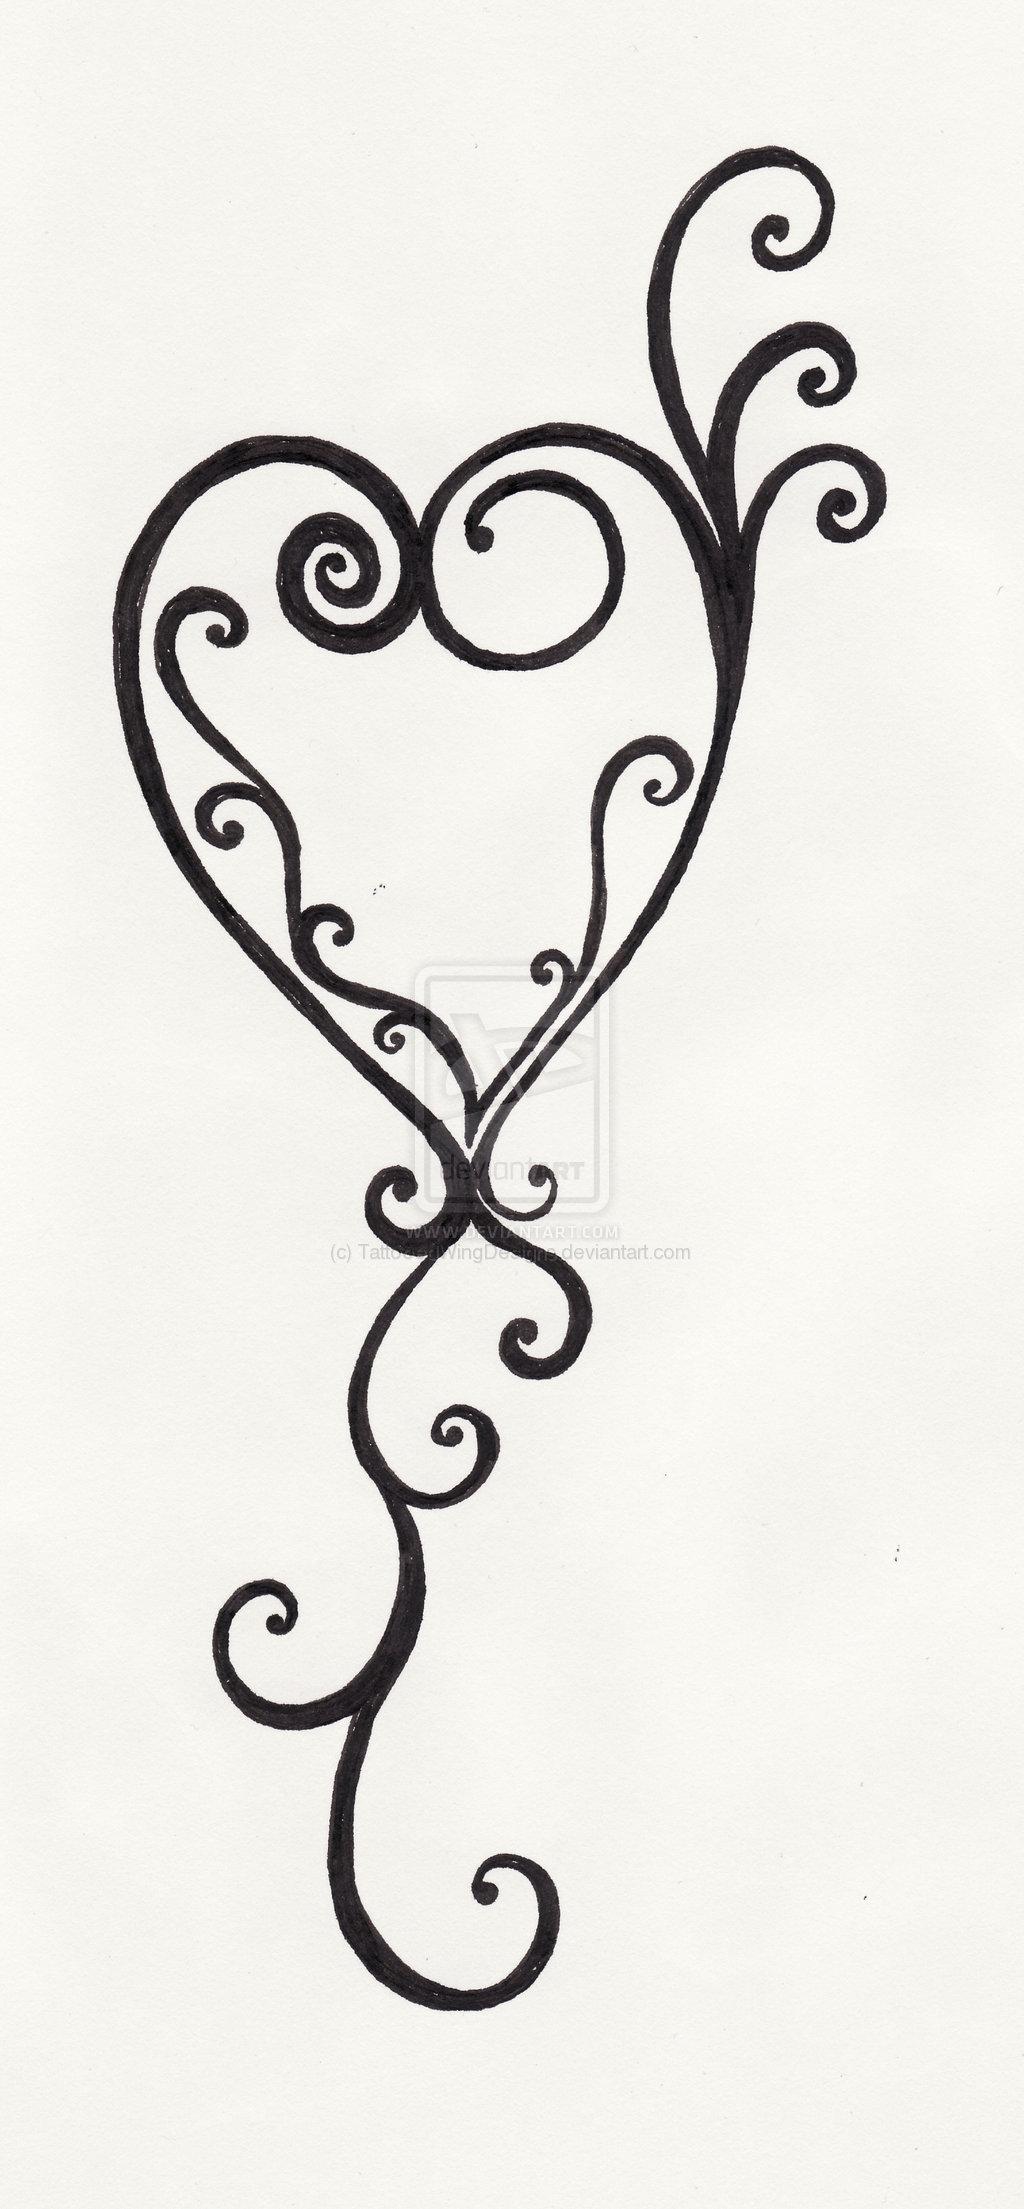 Swirling Heart Tattoo